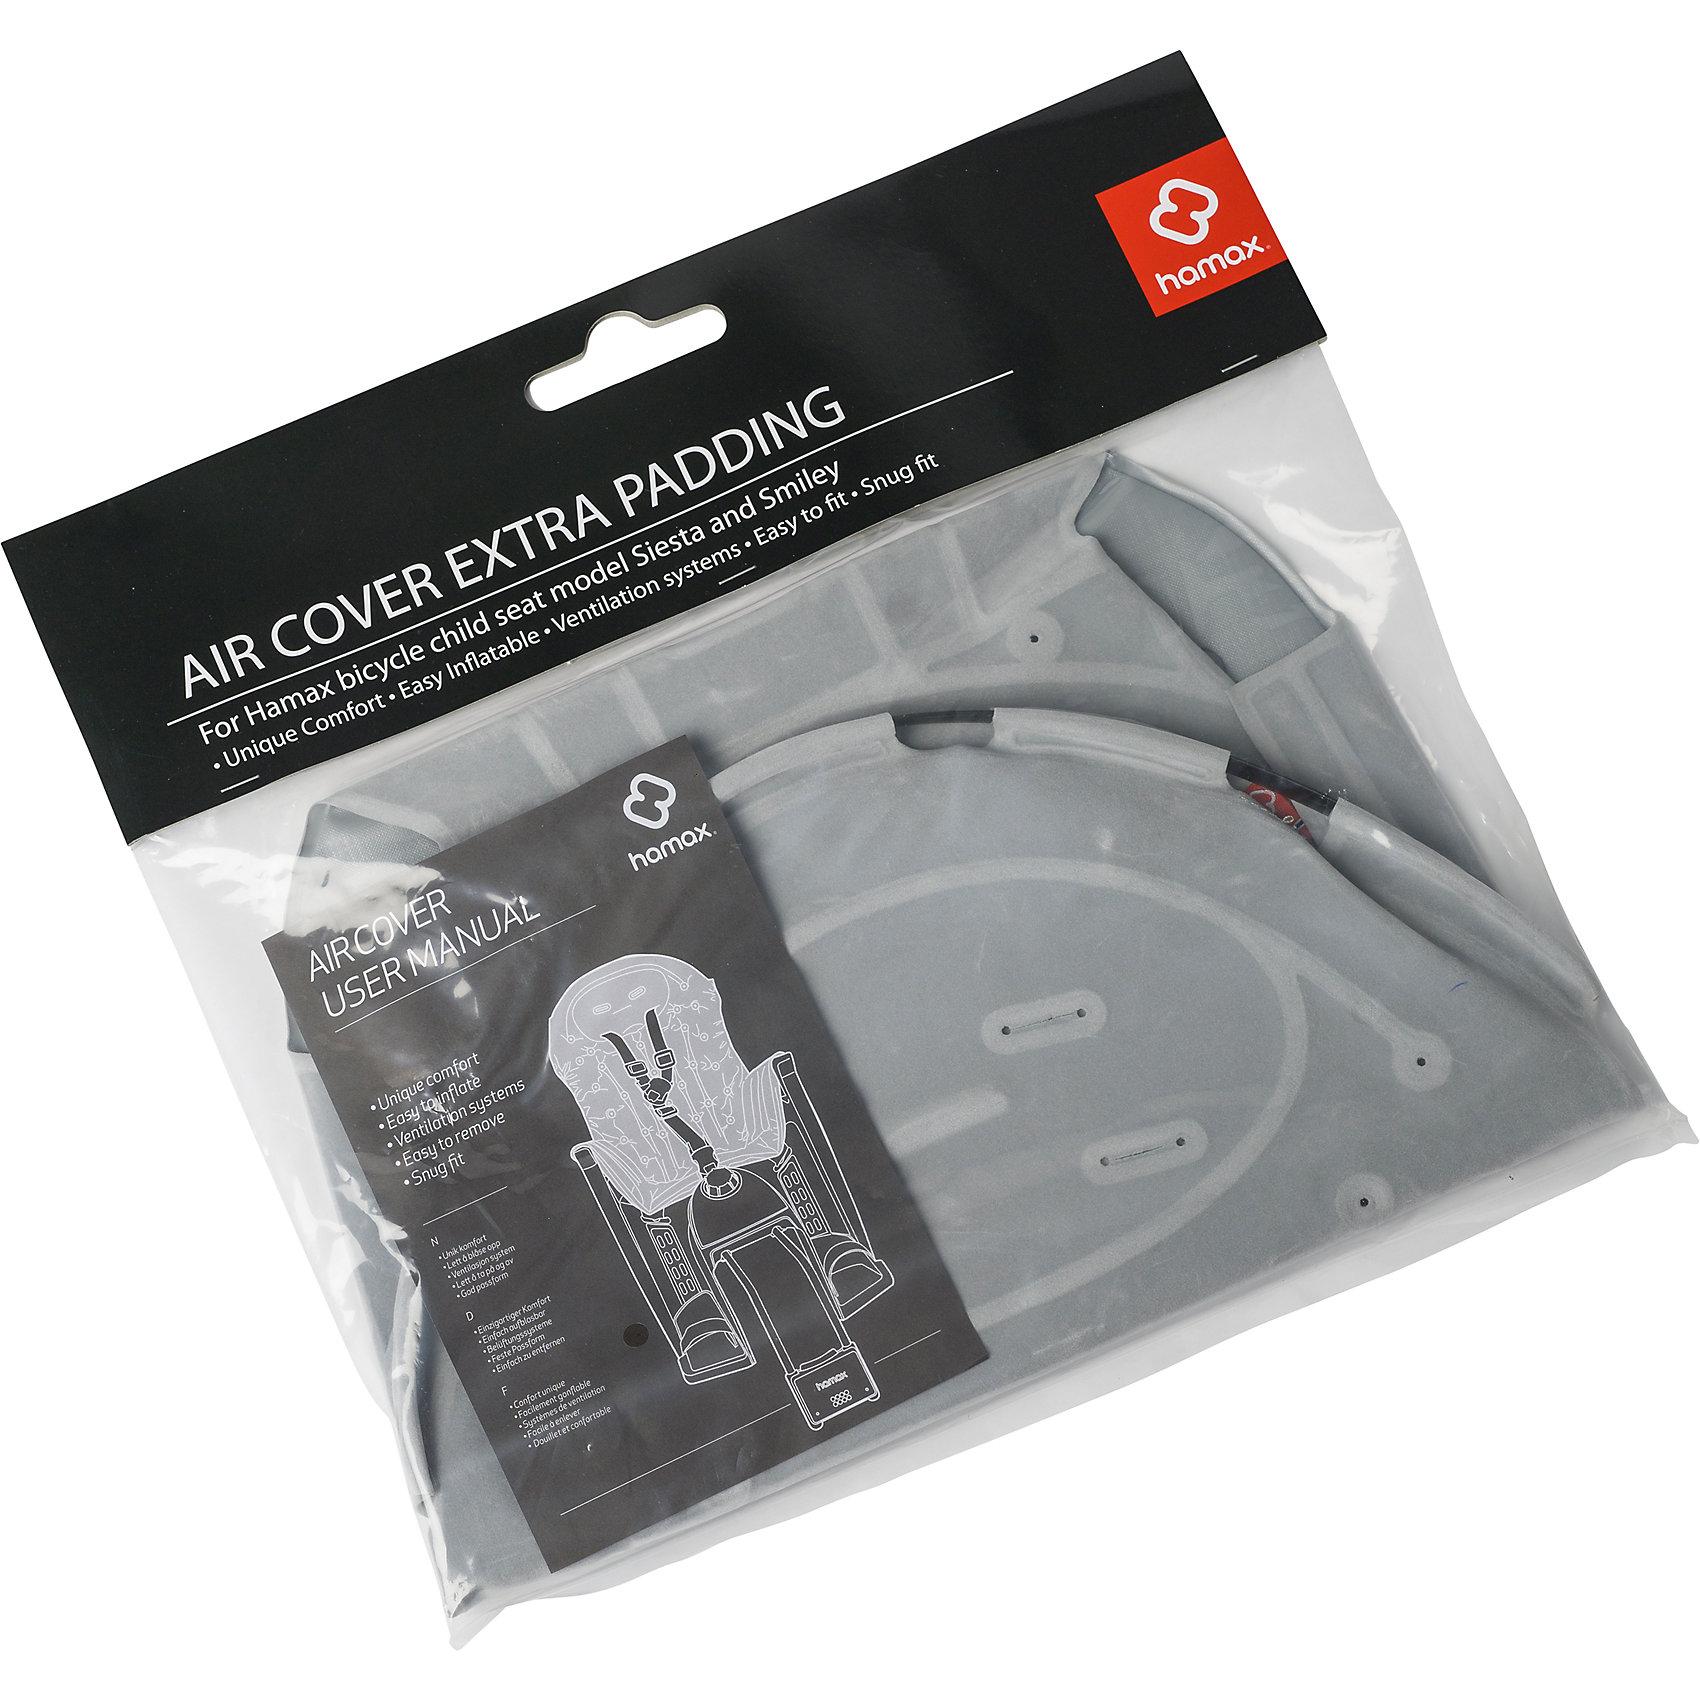 Вкладыш AIR Cover Smiley/Siesta, Hamax, серыйАксеcсуары для велосипедов<br>Характеристики товара:<br><br>• цвет: серый<br>• дышащая ткань<br>• материал легко моется.<br>• отверстия для вентиляции<br>• материал: металл, текстиль<br>• размер: 46х28х3см<br>• страна бренда: Польша<br>• страна производитель: Китай<br><br>Вкладыш AIR Cover Smiley/Siesta, Hamax, серый можно купить в нашем интернет-магазине.<br><br>Ширина мм: 240<br>Глубина мм: 20<br>Высота мм: 400<br>Вес г: 370<br>Возраст от месяцев: 9<br>Возраст до месяцев: 48<br>Пол: Унисекс<br>Возраст: Детский<br>SKU: 5582624